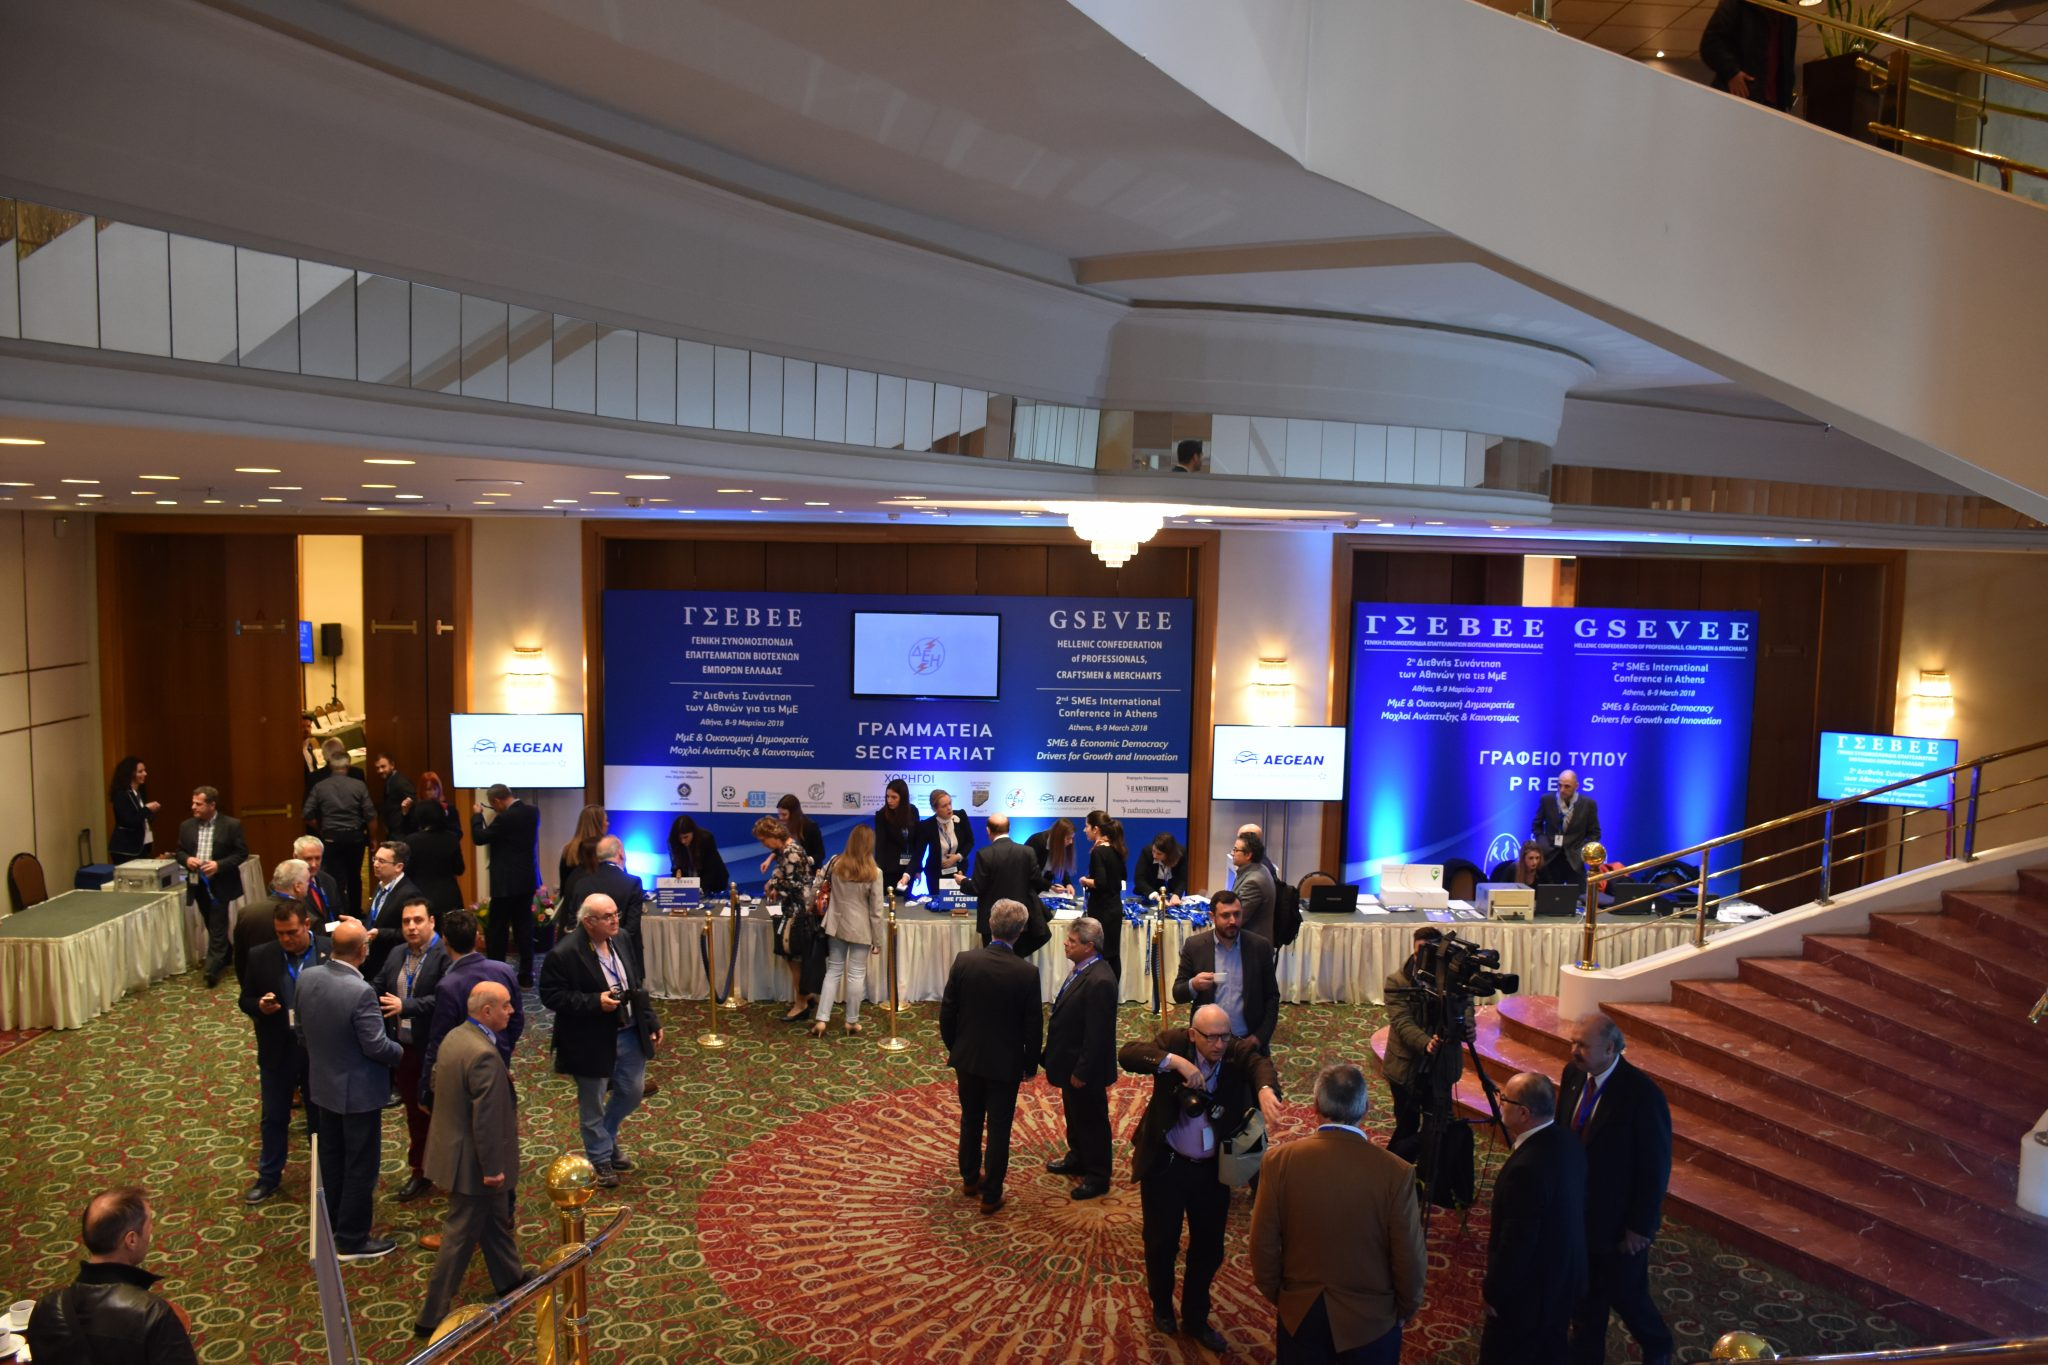 2ο Διεθνές Συνέδριο για τις ΜμΕ -ΓΣΕΒΕΕ